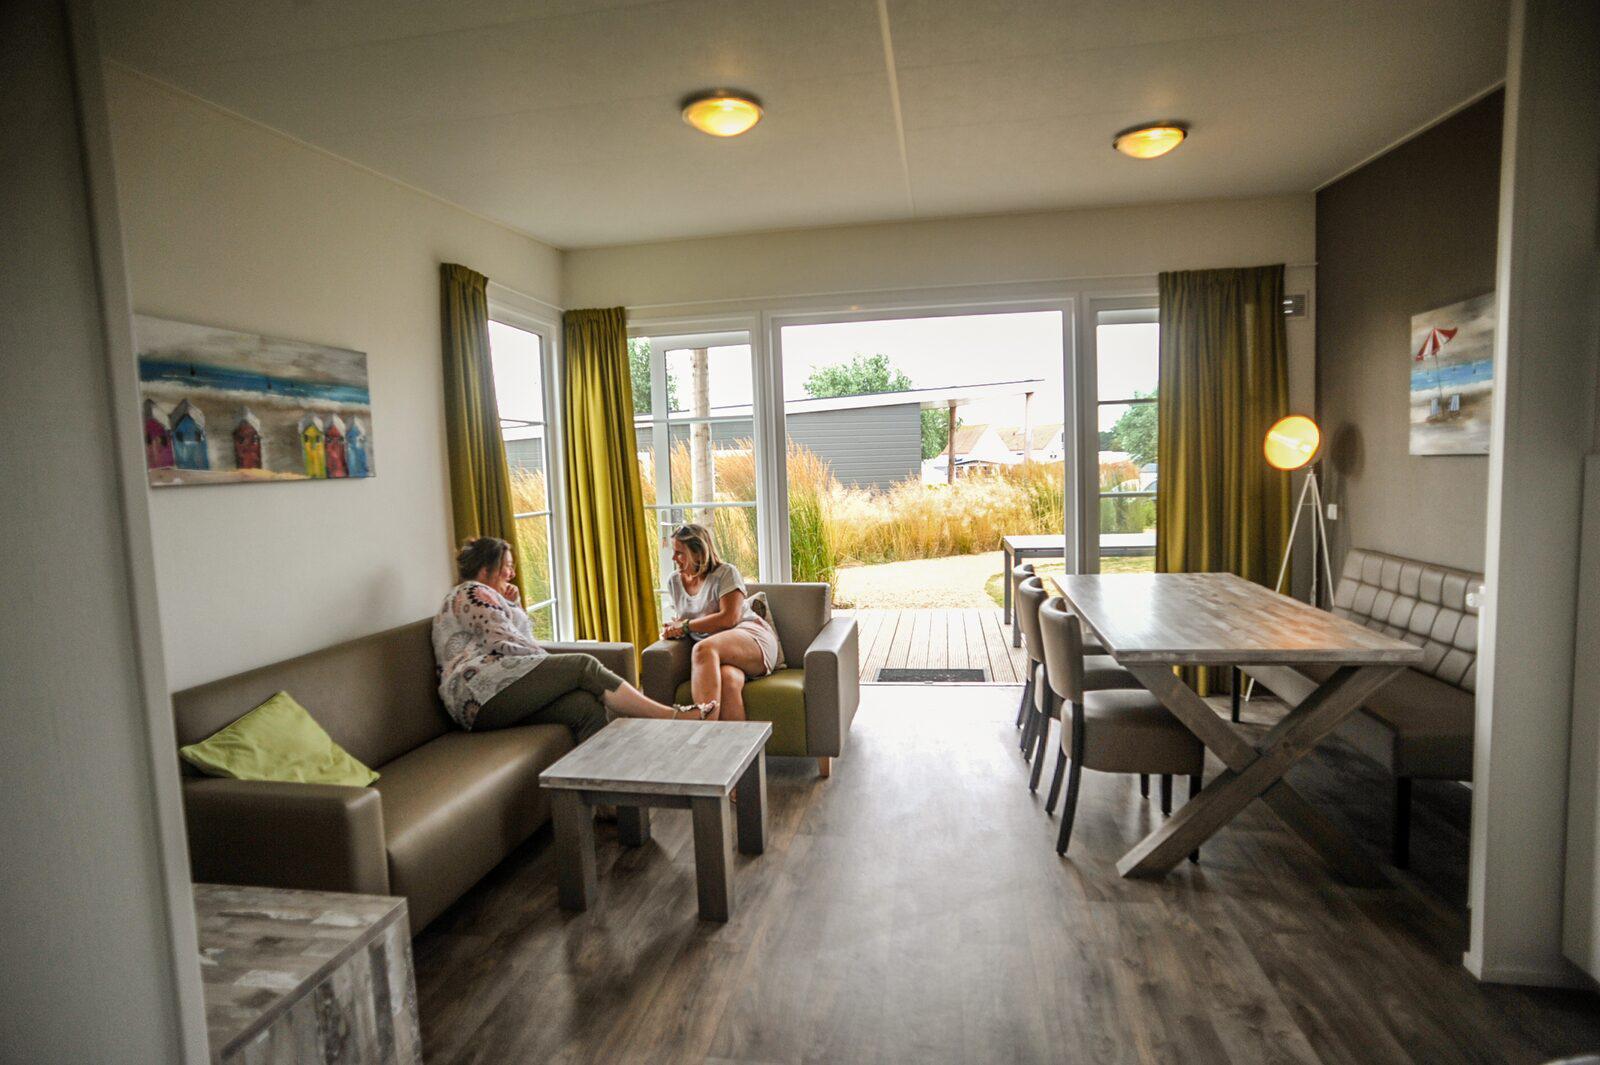 Kompas Camping Nieuwpoort Kampeerplaats Comfort Lodge 6 personen